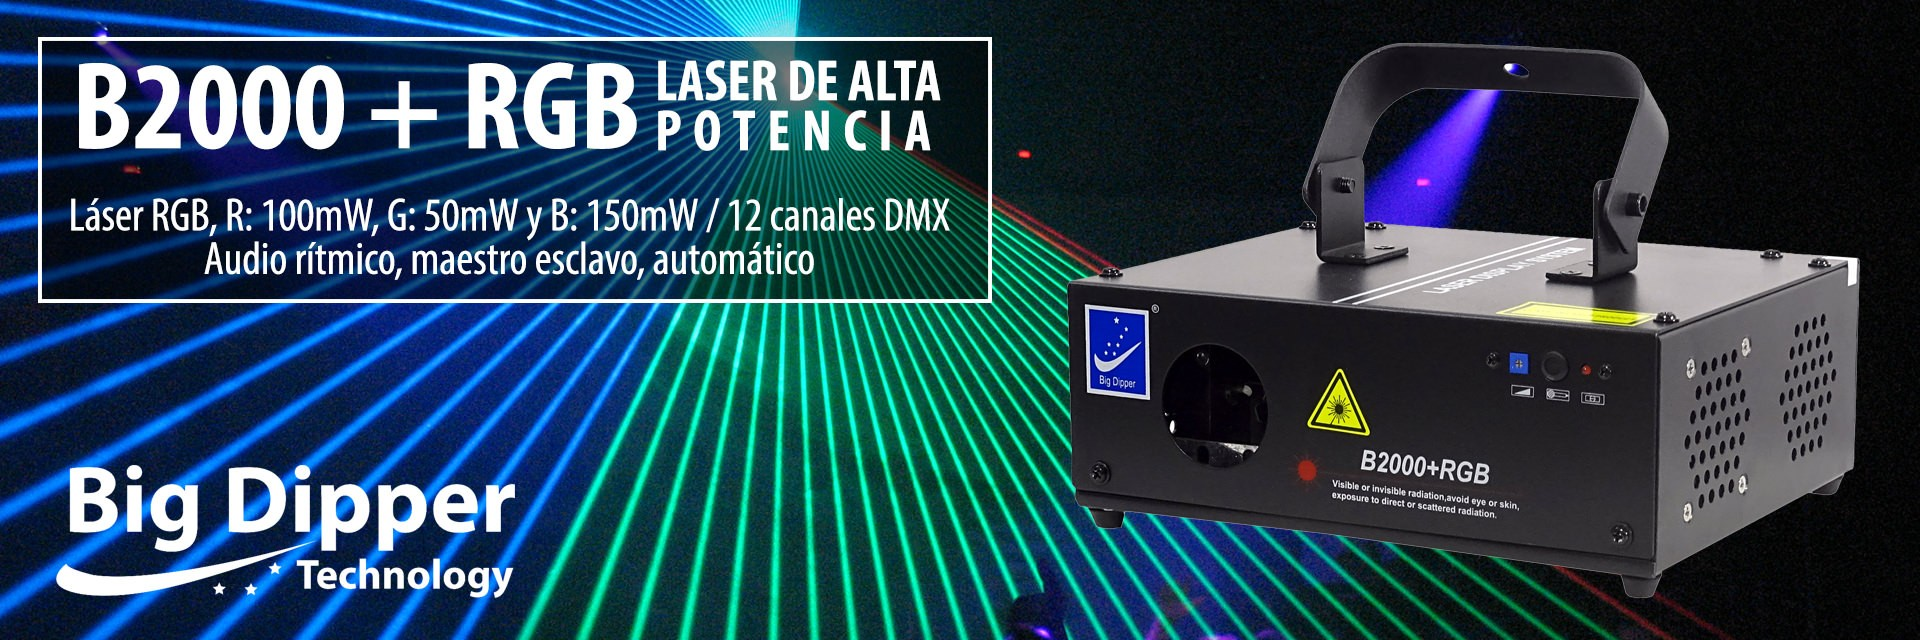 B2000 + RGB Láser de alta potencia Big Dipper